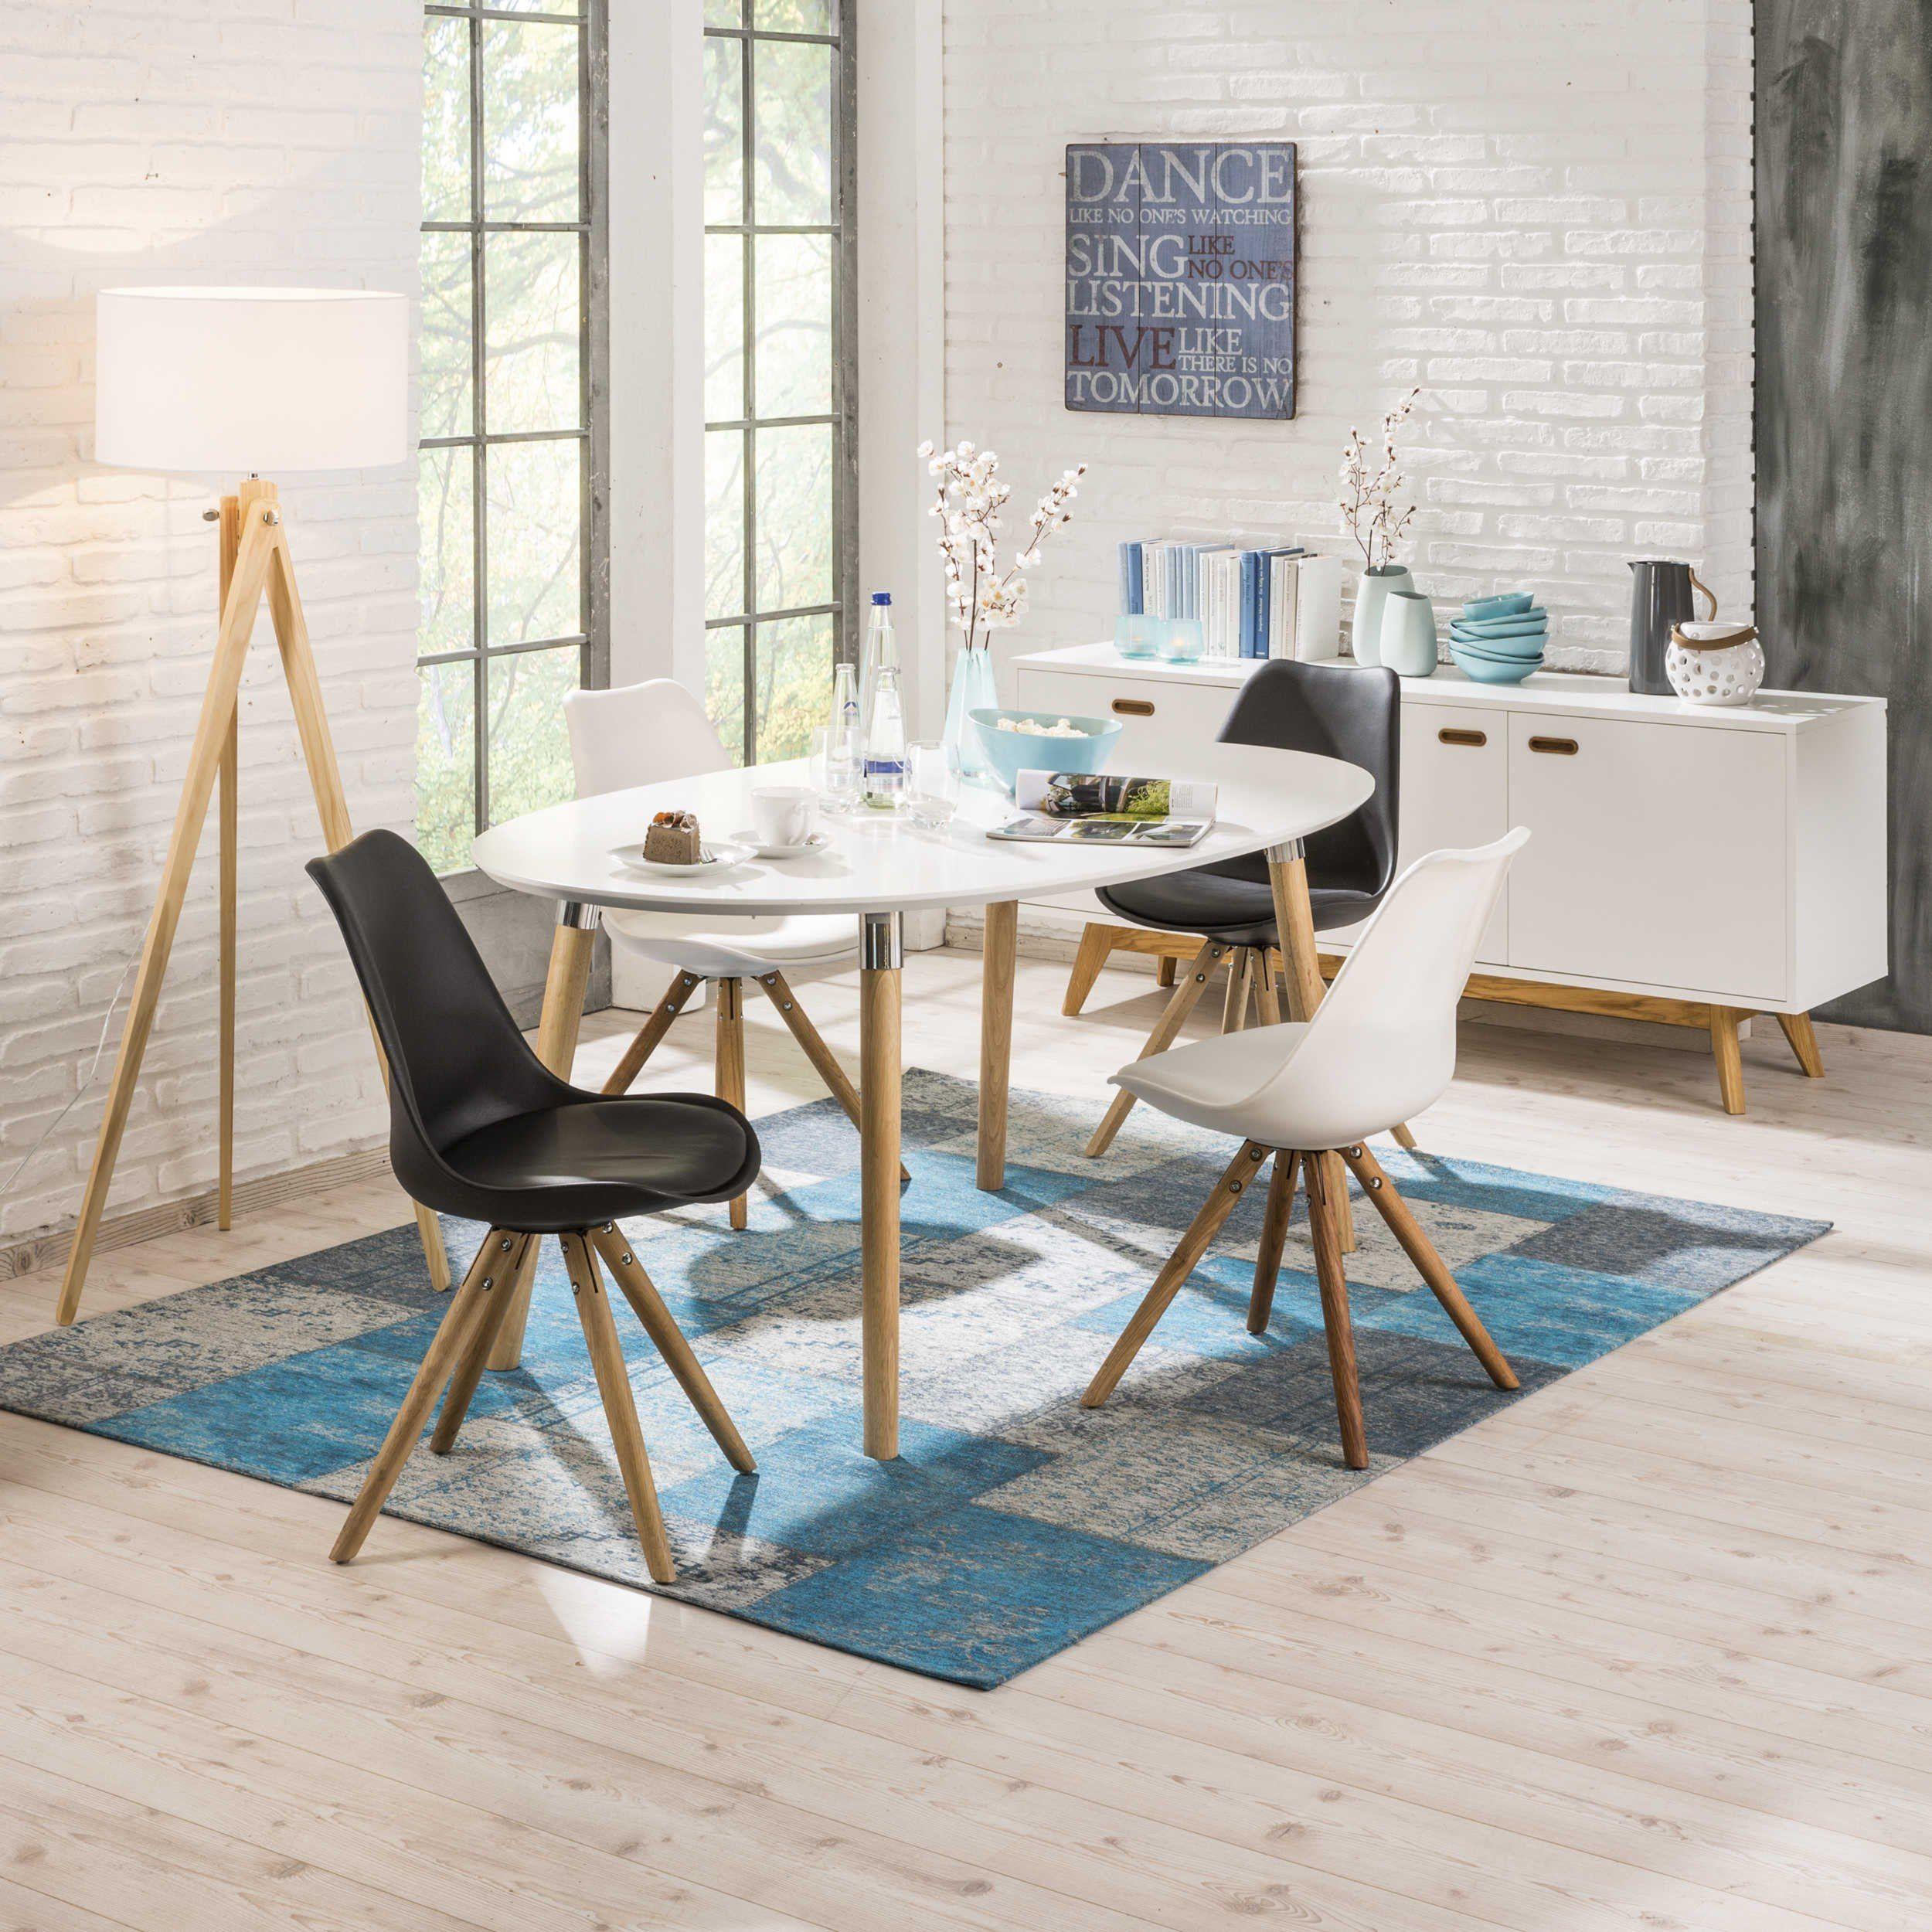 Wunderbar Esstisch Für 2 Personen Ausziehbar Table